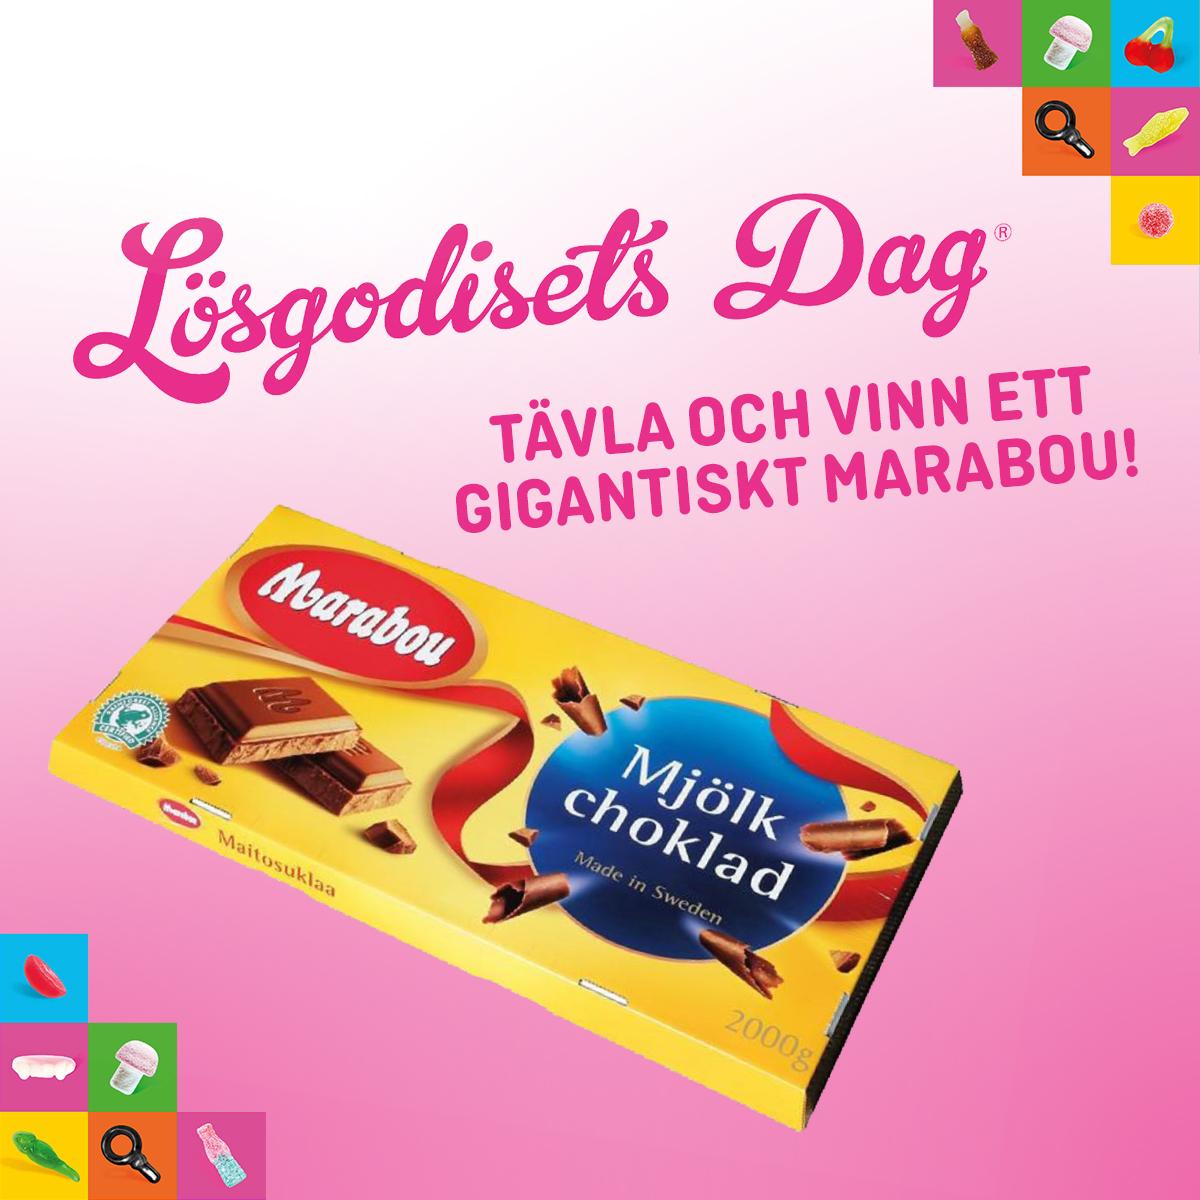 Tävla i butik om gigantisk Marabou chokladkaka, en per butik.